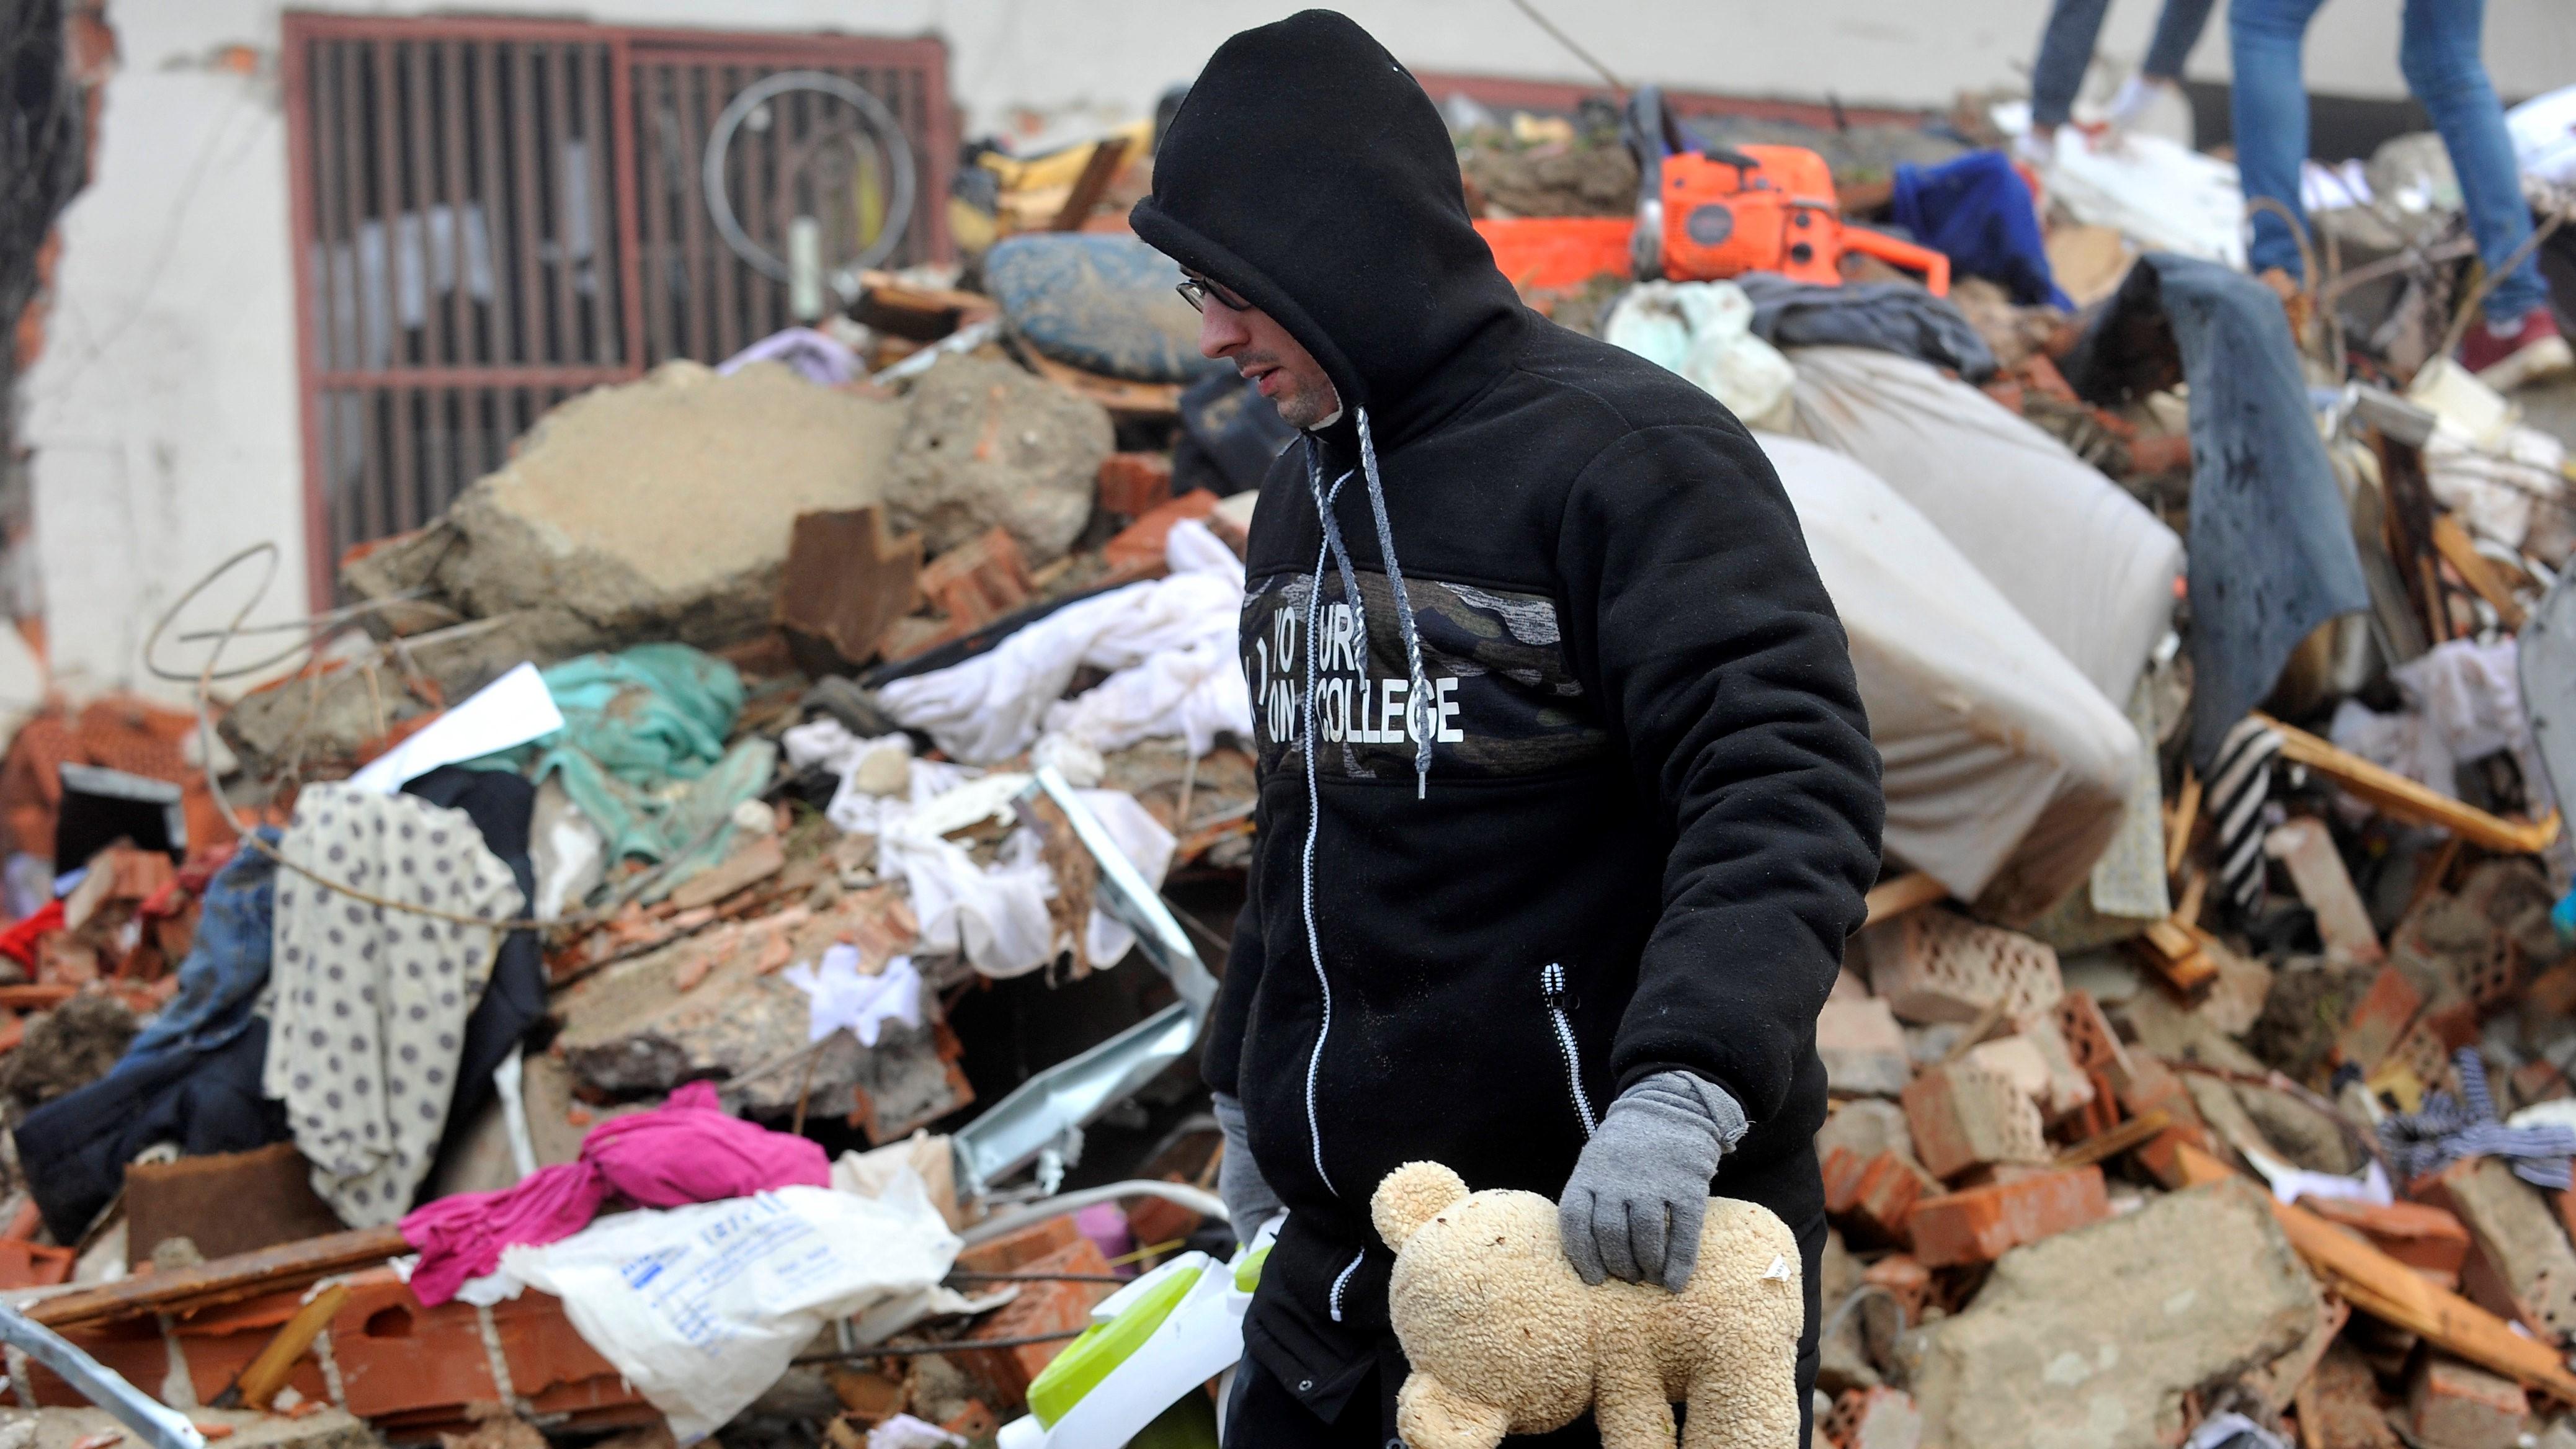 Összedőlt ház romjai között kutatnak az emberek a horvátországi Majske Poljane faluban 2020. december 30-án, egy nappal azután, hogy 6,3-as erősségű földrengés rázta meg az ország középső részét.